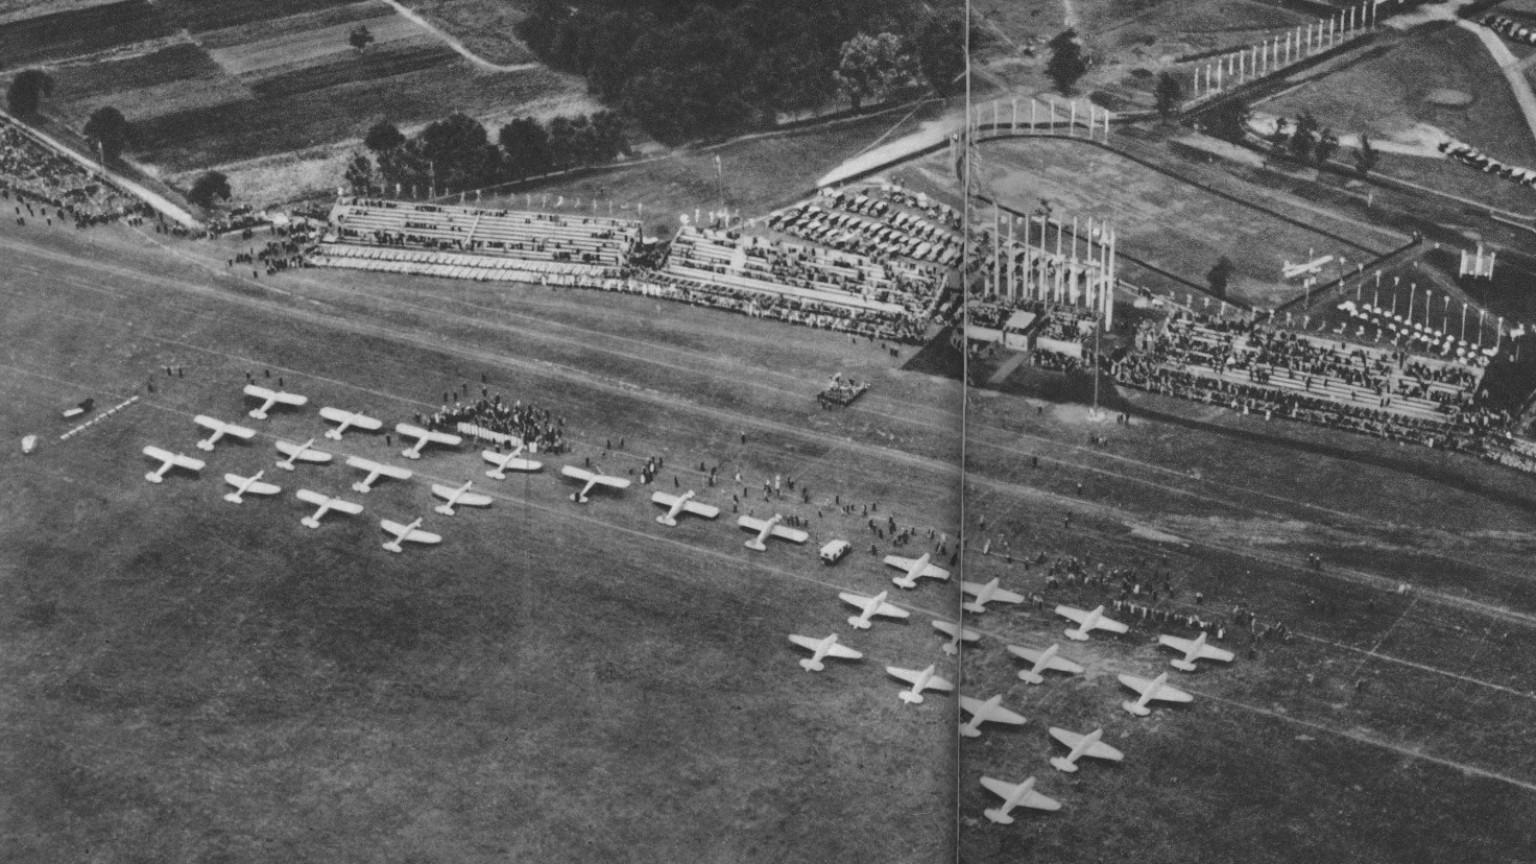 Zdjęcie dla kartki: Zawody samolotowe na Polu Mokotowskim